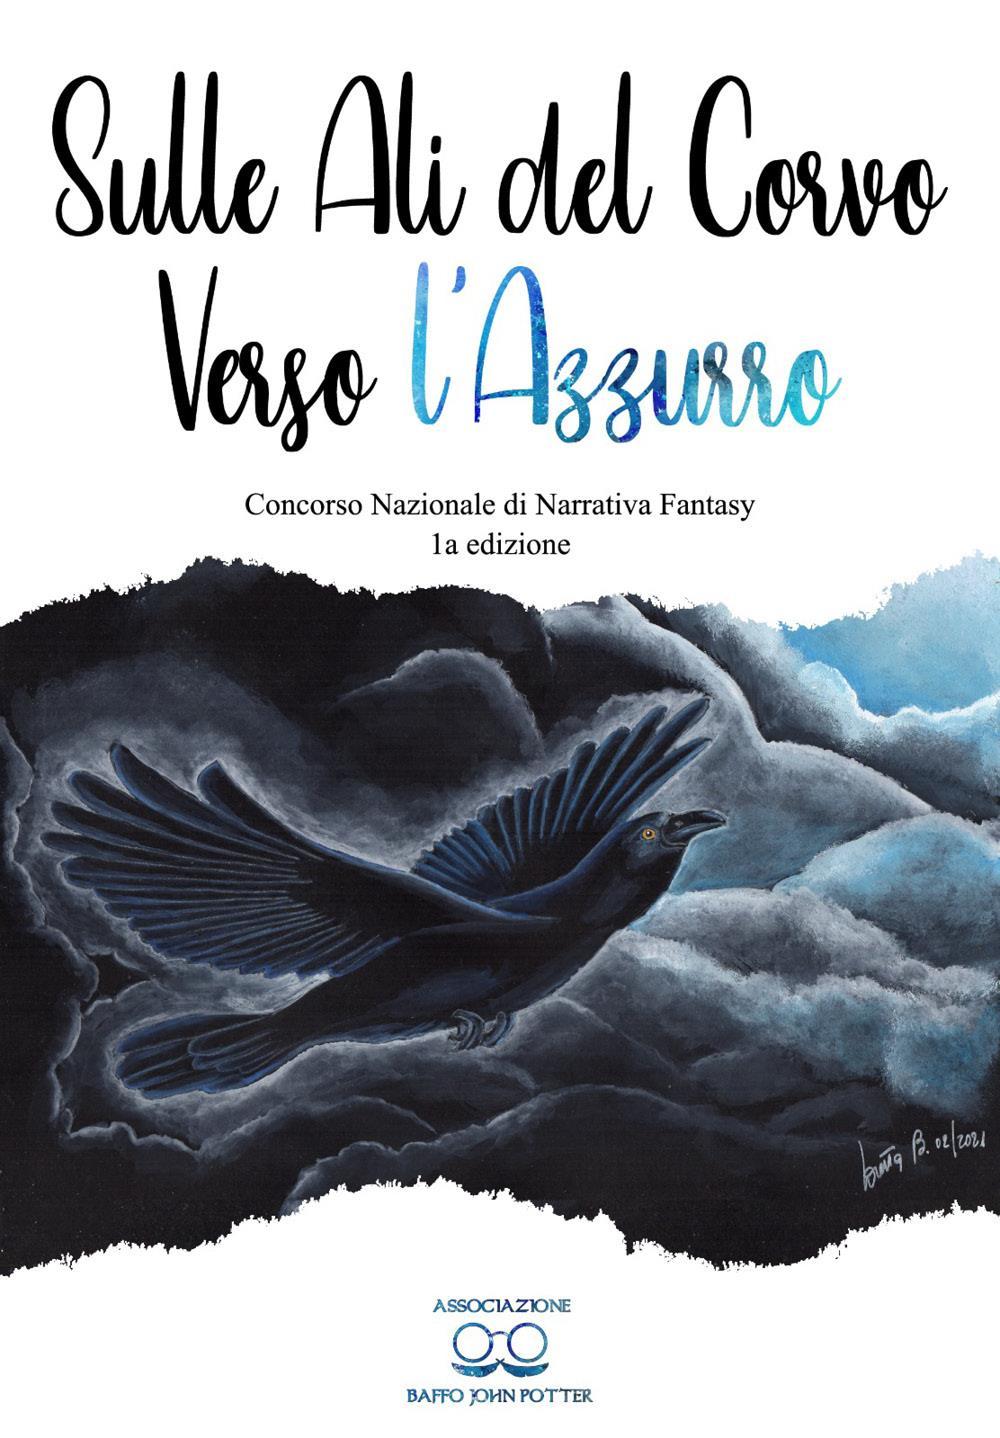 Sulle ali del corvo verso l'azzurro